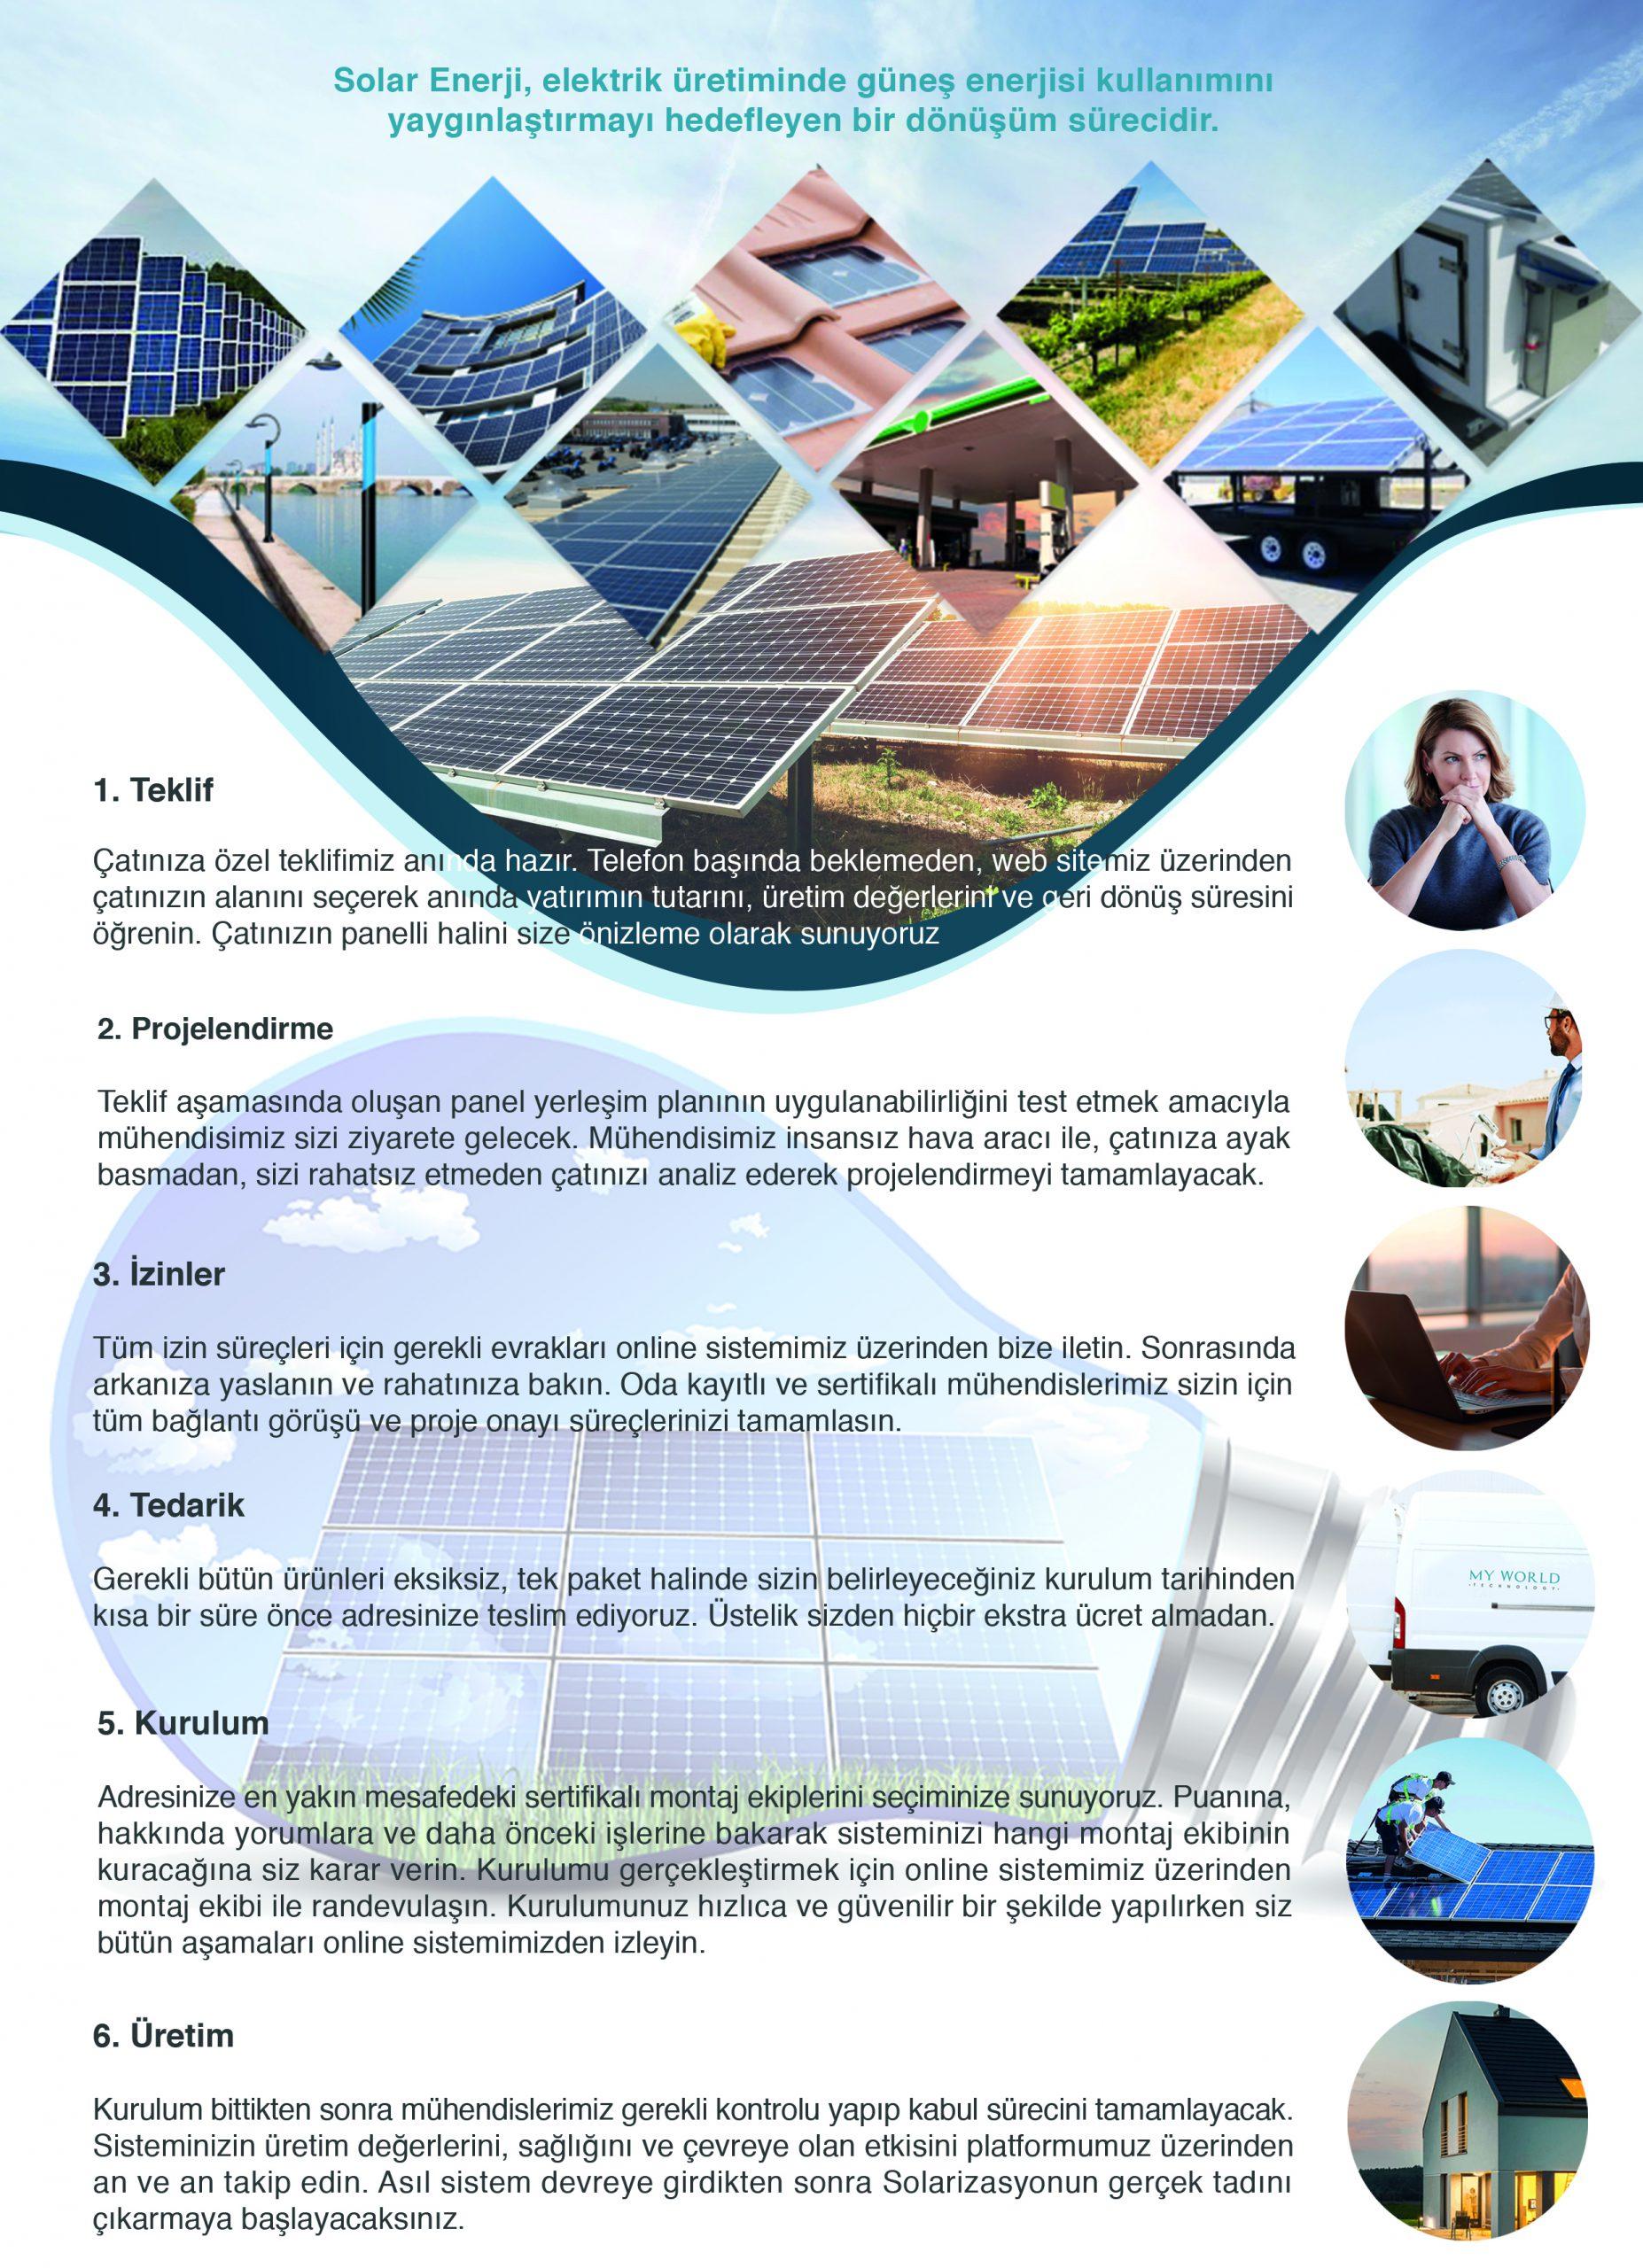 my_world_teknoloji_solar_enerji_sistemleri